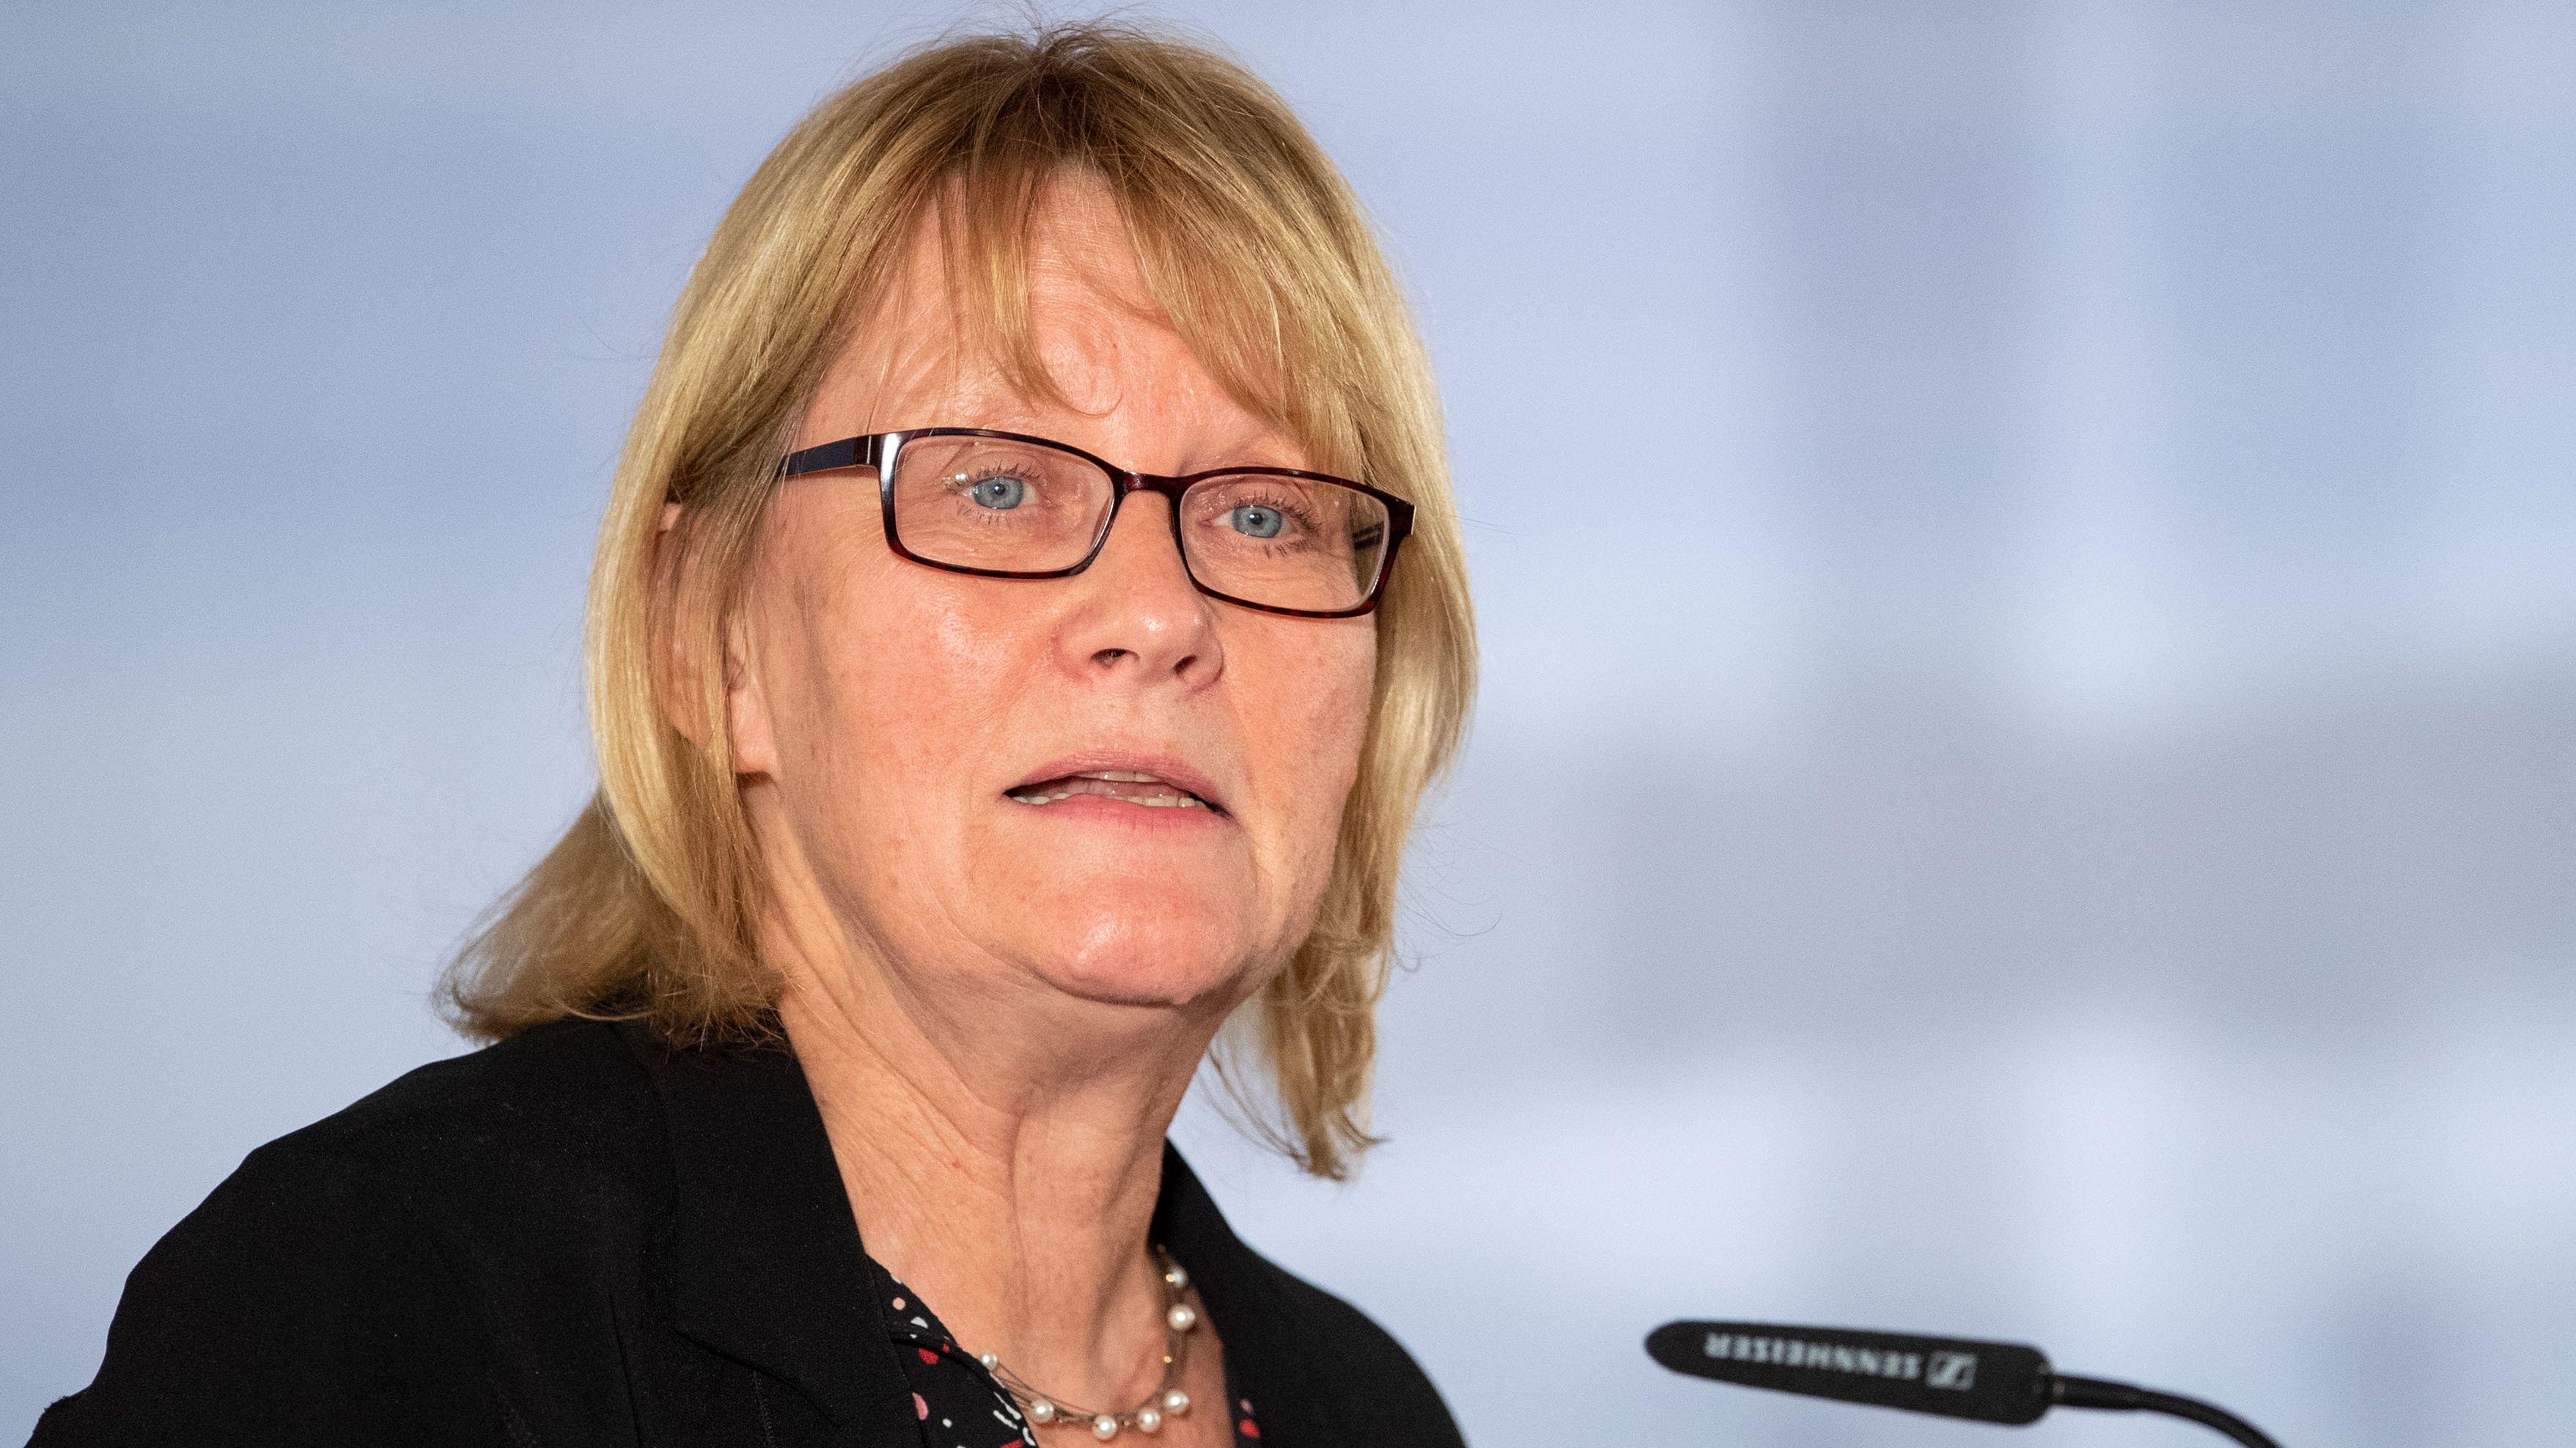 Karin Kortmann, Vizepräsidentin des Zentralkomitees der Katholiken (ZdK)